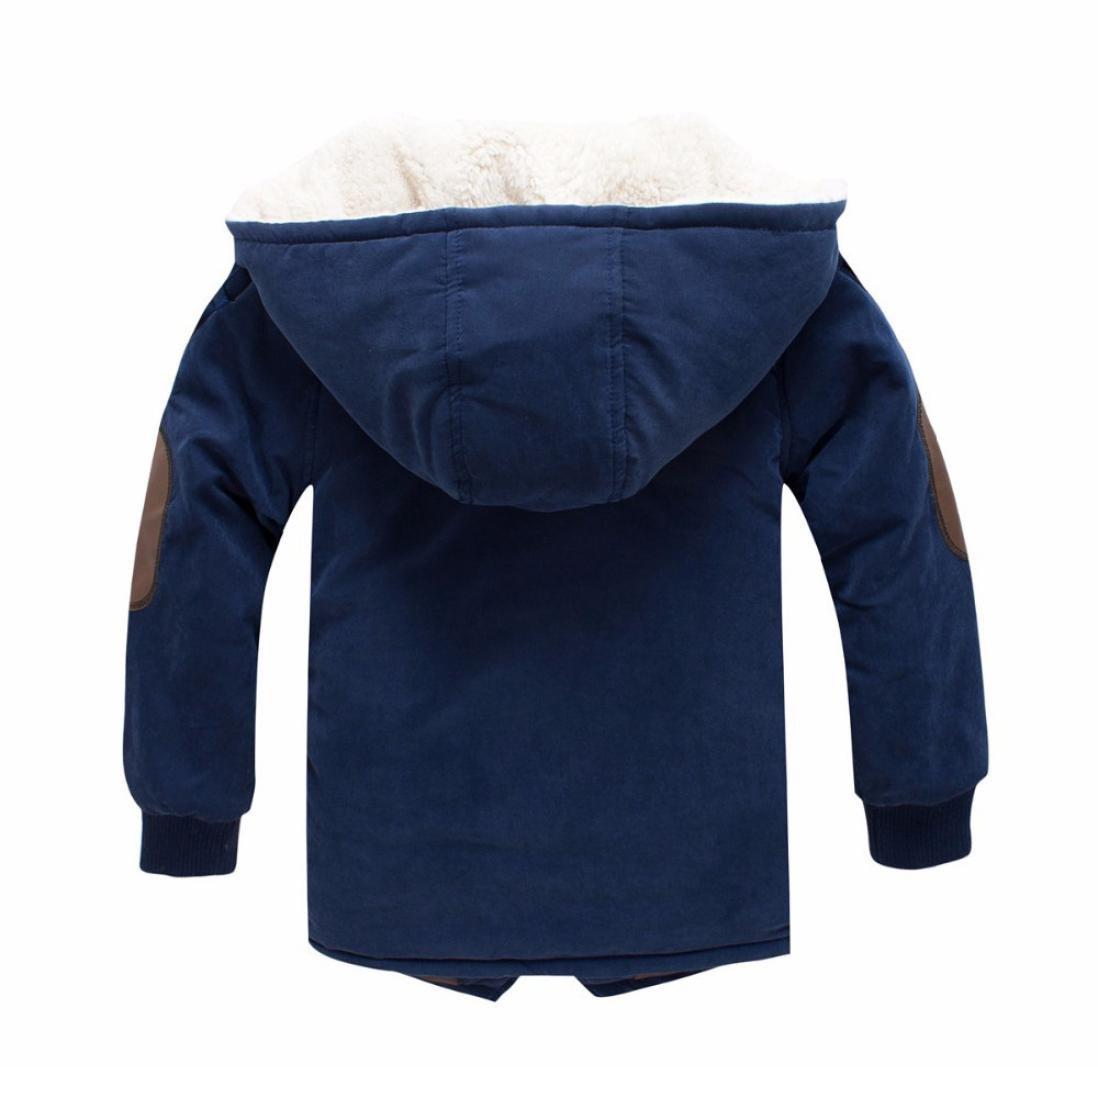 Manteaux à capuche Garçons Enfant Hiver Chaud Longra Vestes avec fausse  fourrure Ultra Épais Vêtements dextérieur ... ece882ee367